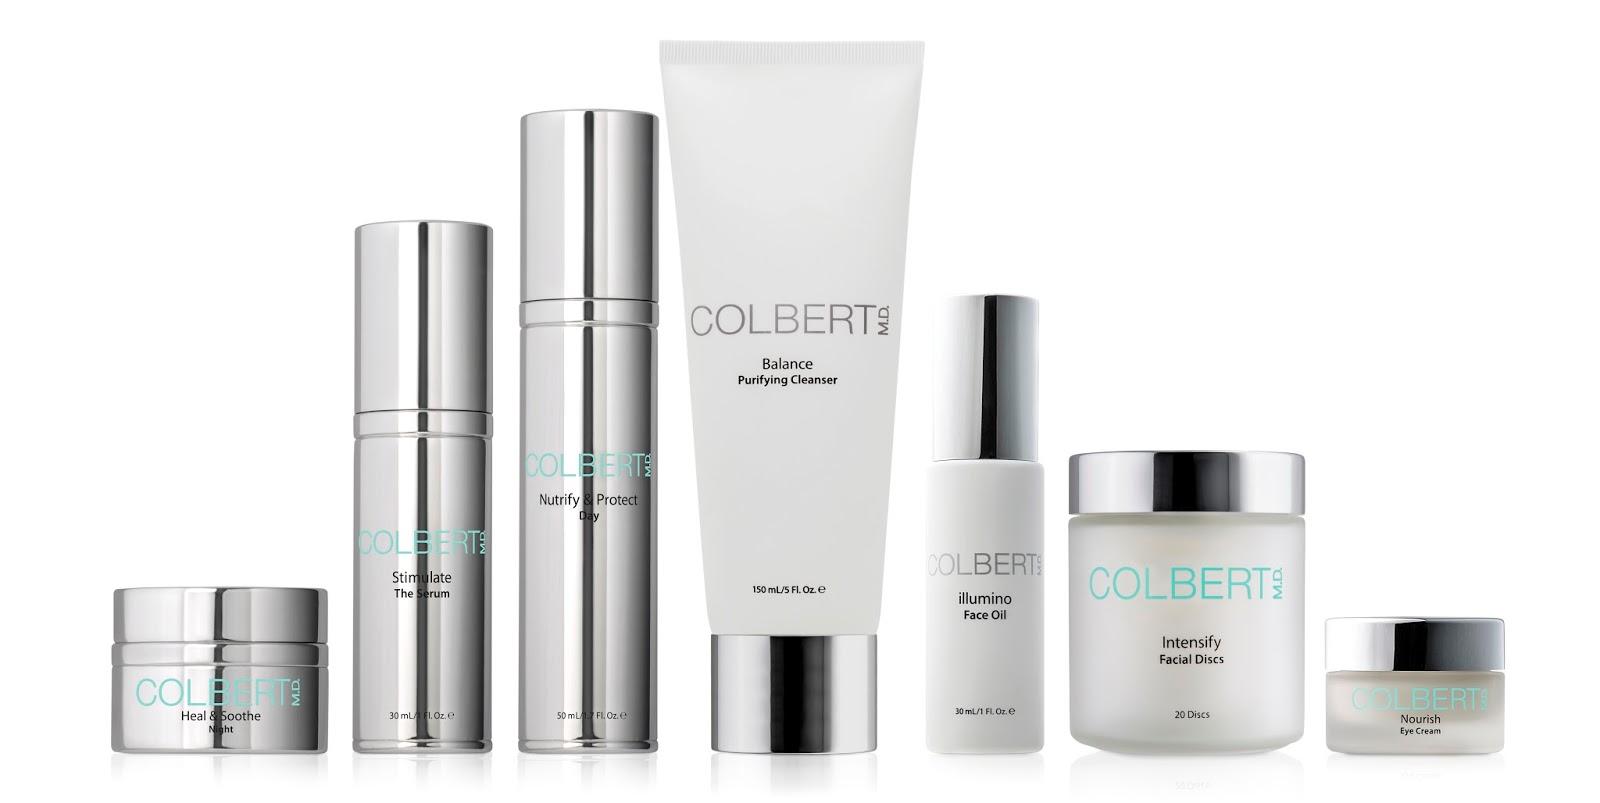 ColbertMD skincare